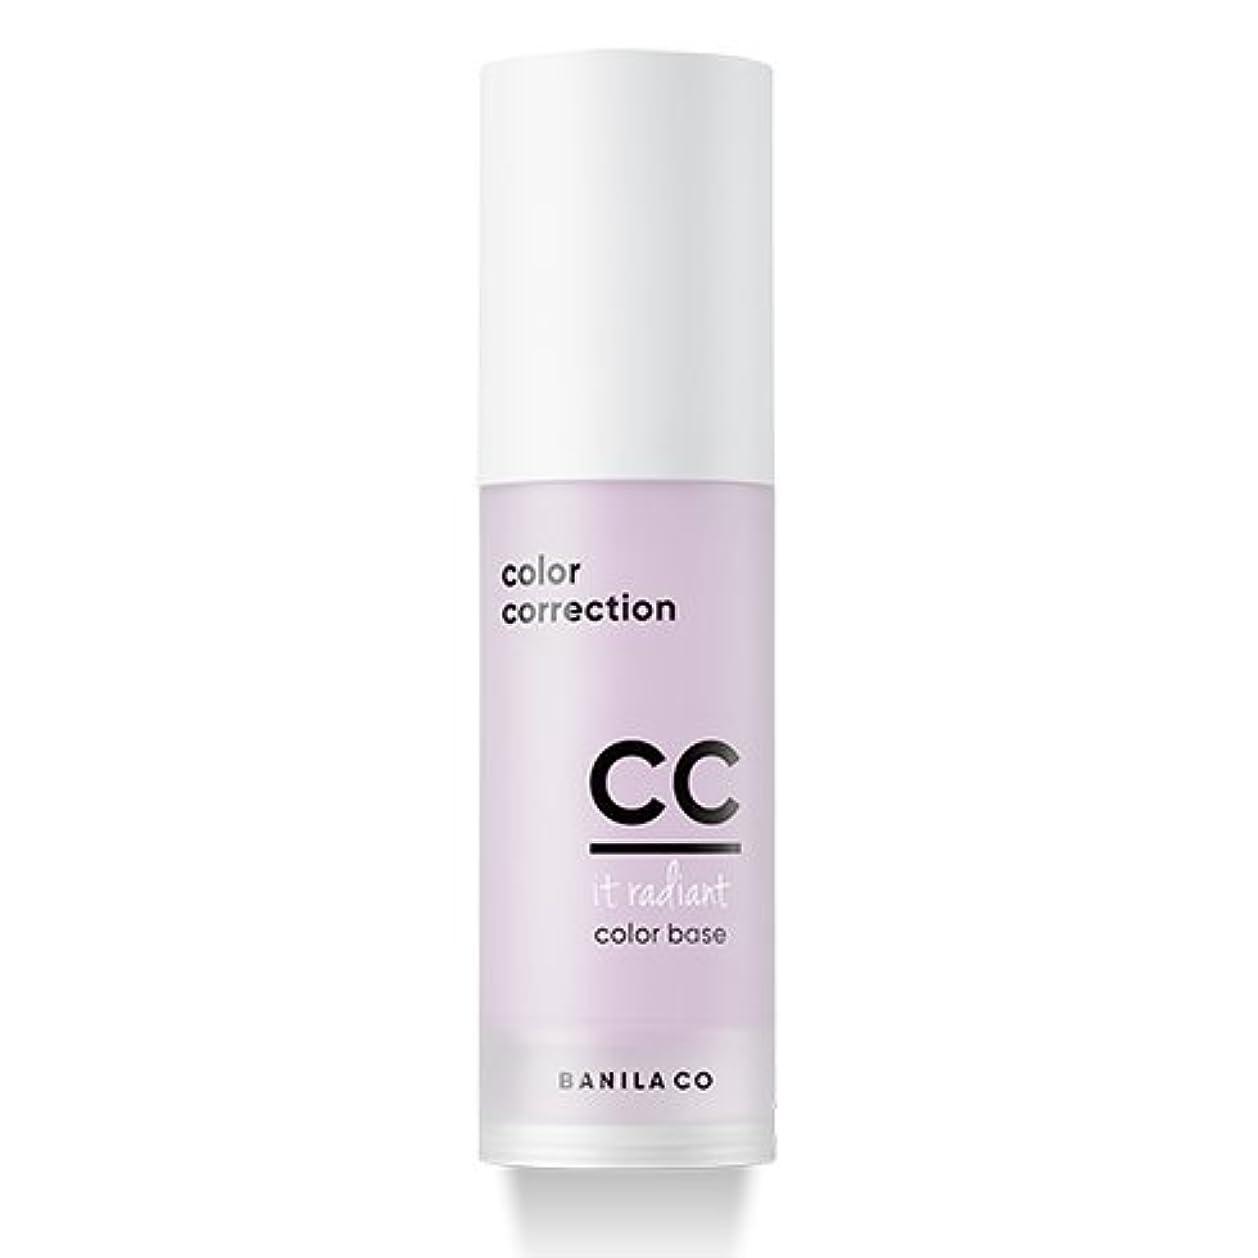 気になる必要性侵入BANILA CO It Radiant CC Color Base 30ml/バニラコ イット ラディアント CC カラー ベース 30ml (#Lavender) [並行輸入品]